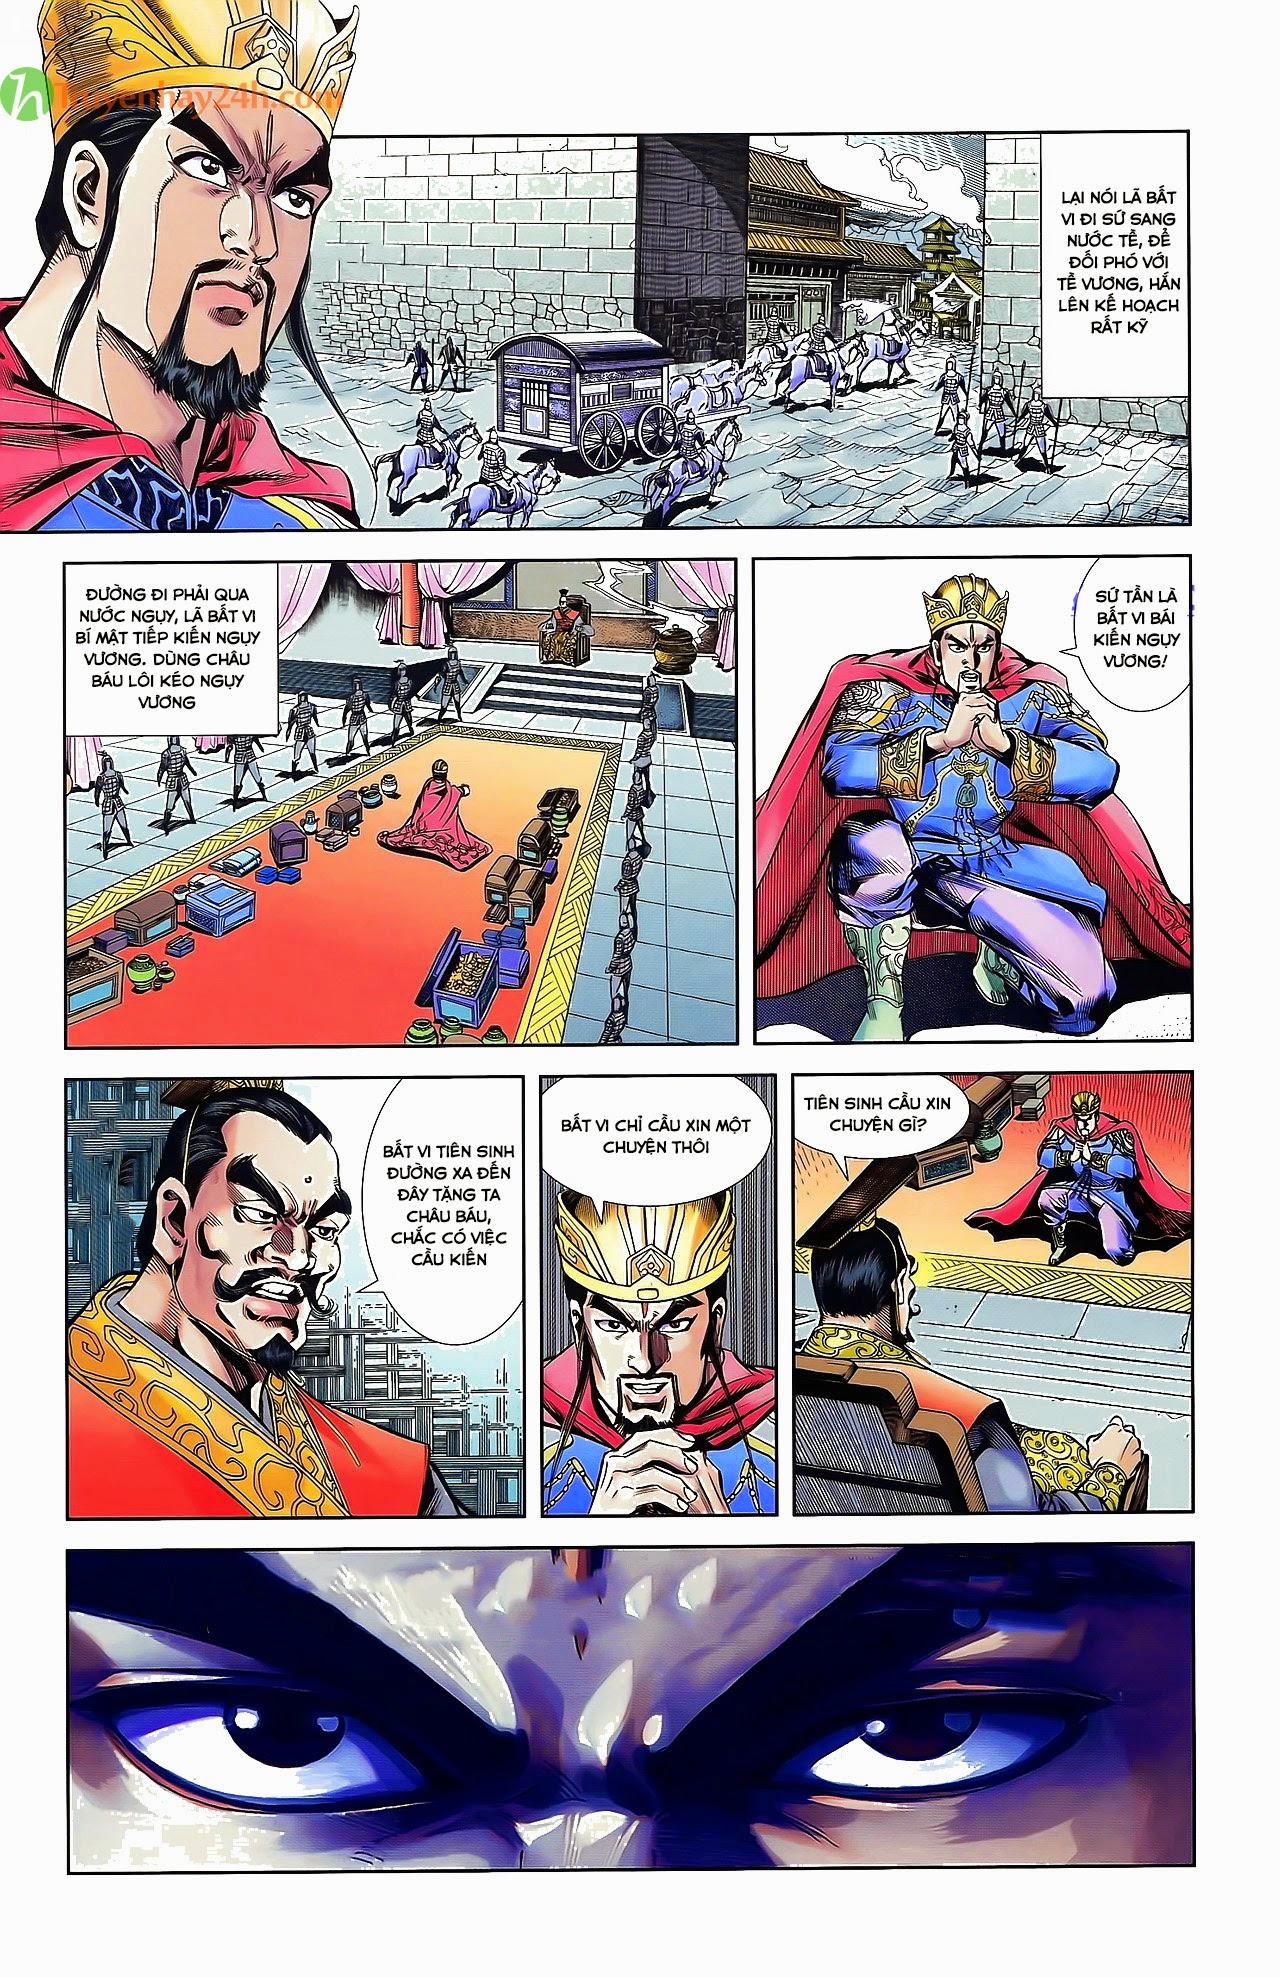 Tần Vương Doanh Chính chapter 30 trang 28